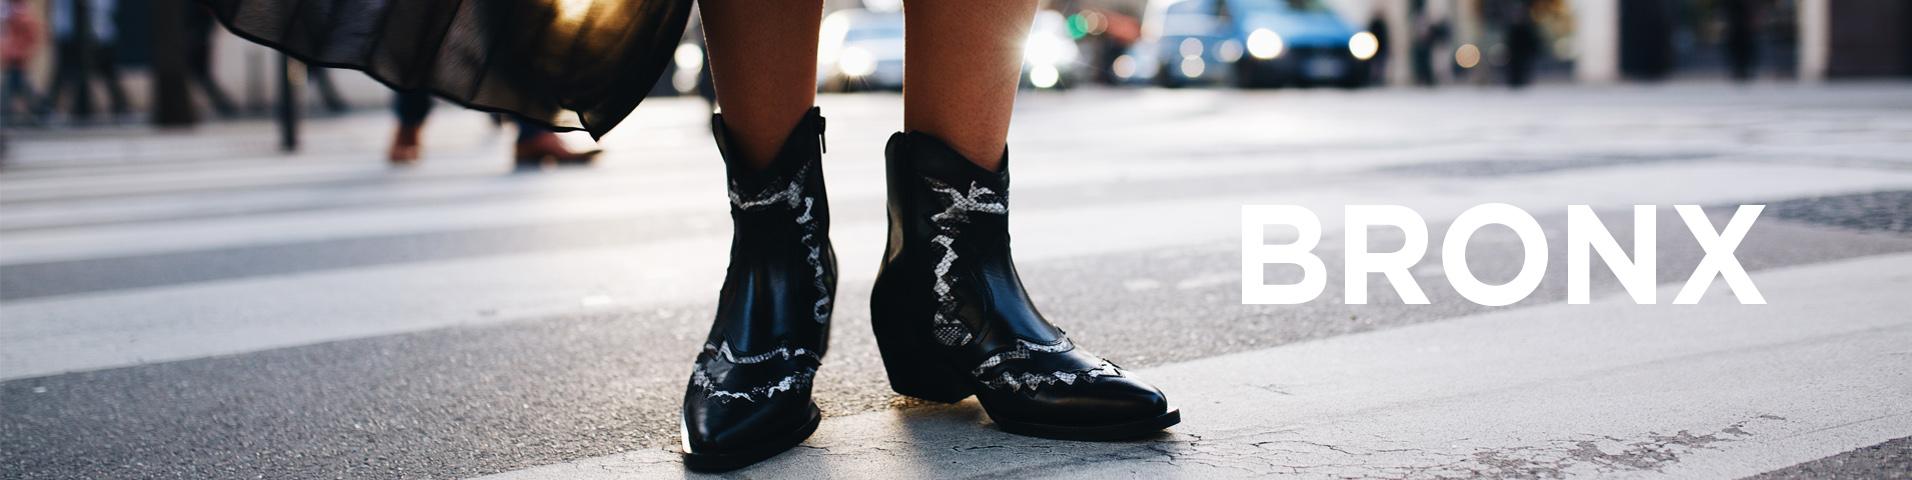 95684477845 Chaussures de Bronx · Femme